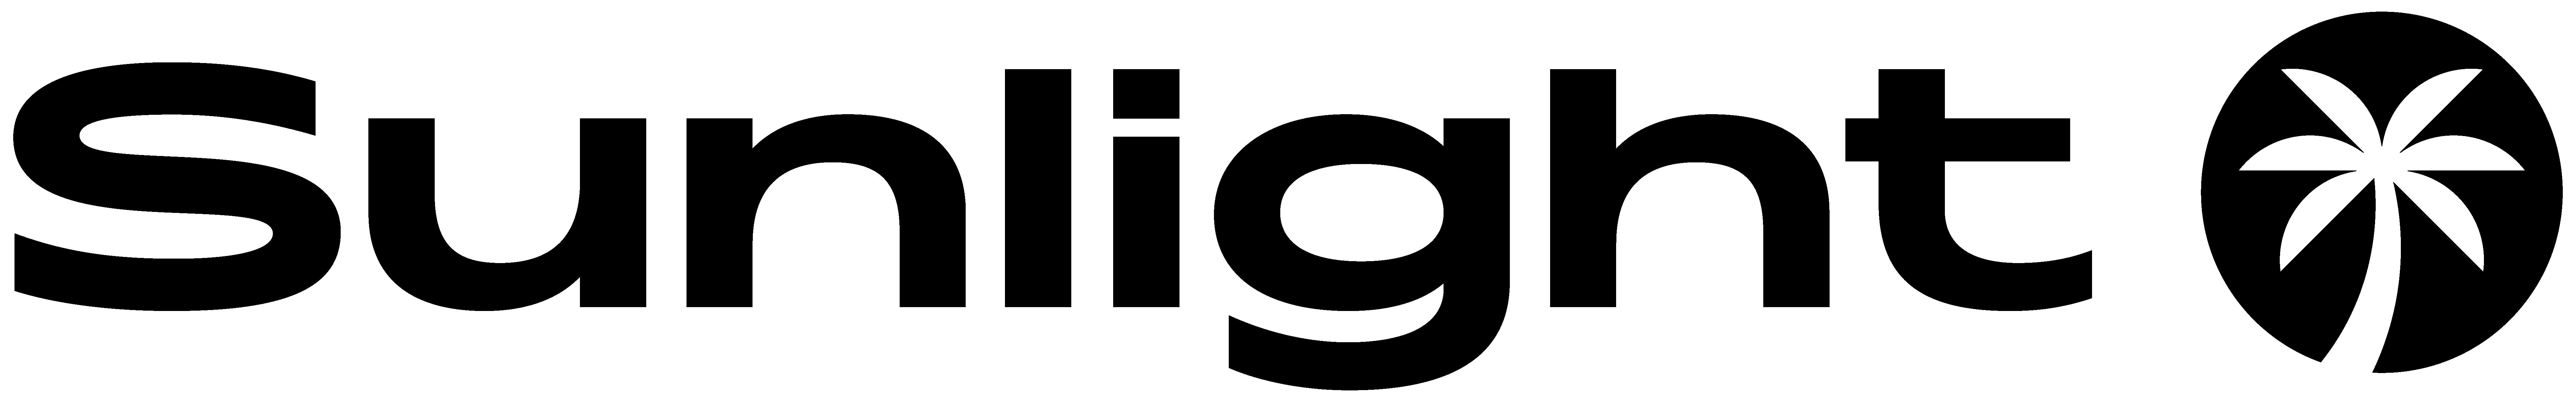 Sunlight GmbH - zur Startseite wechseln